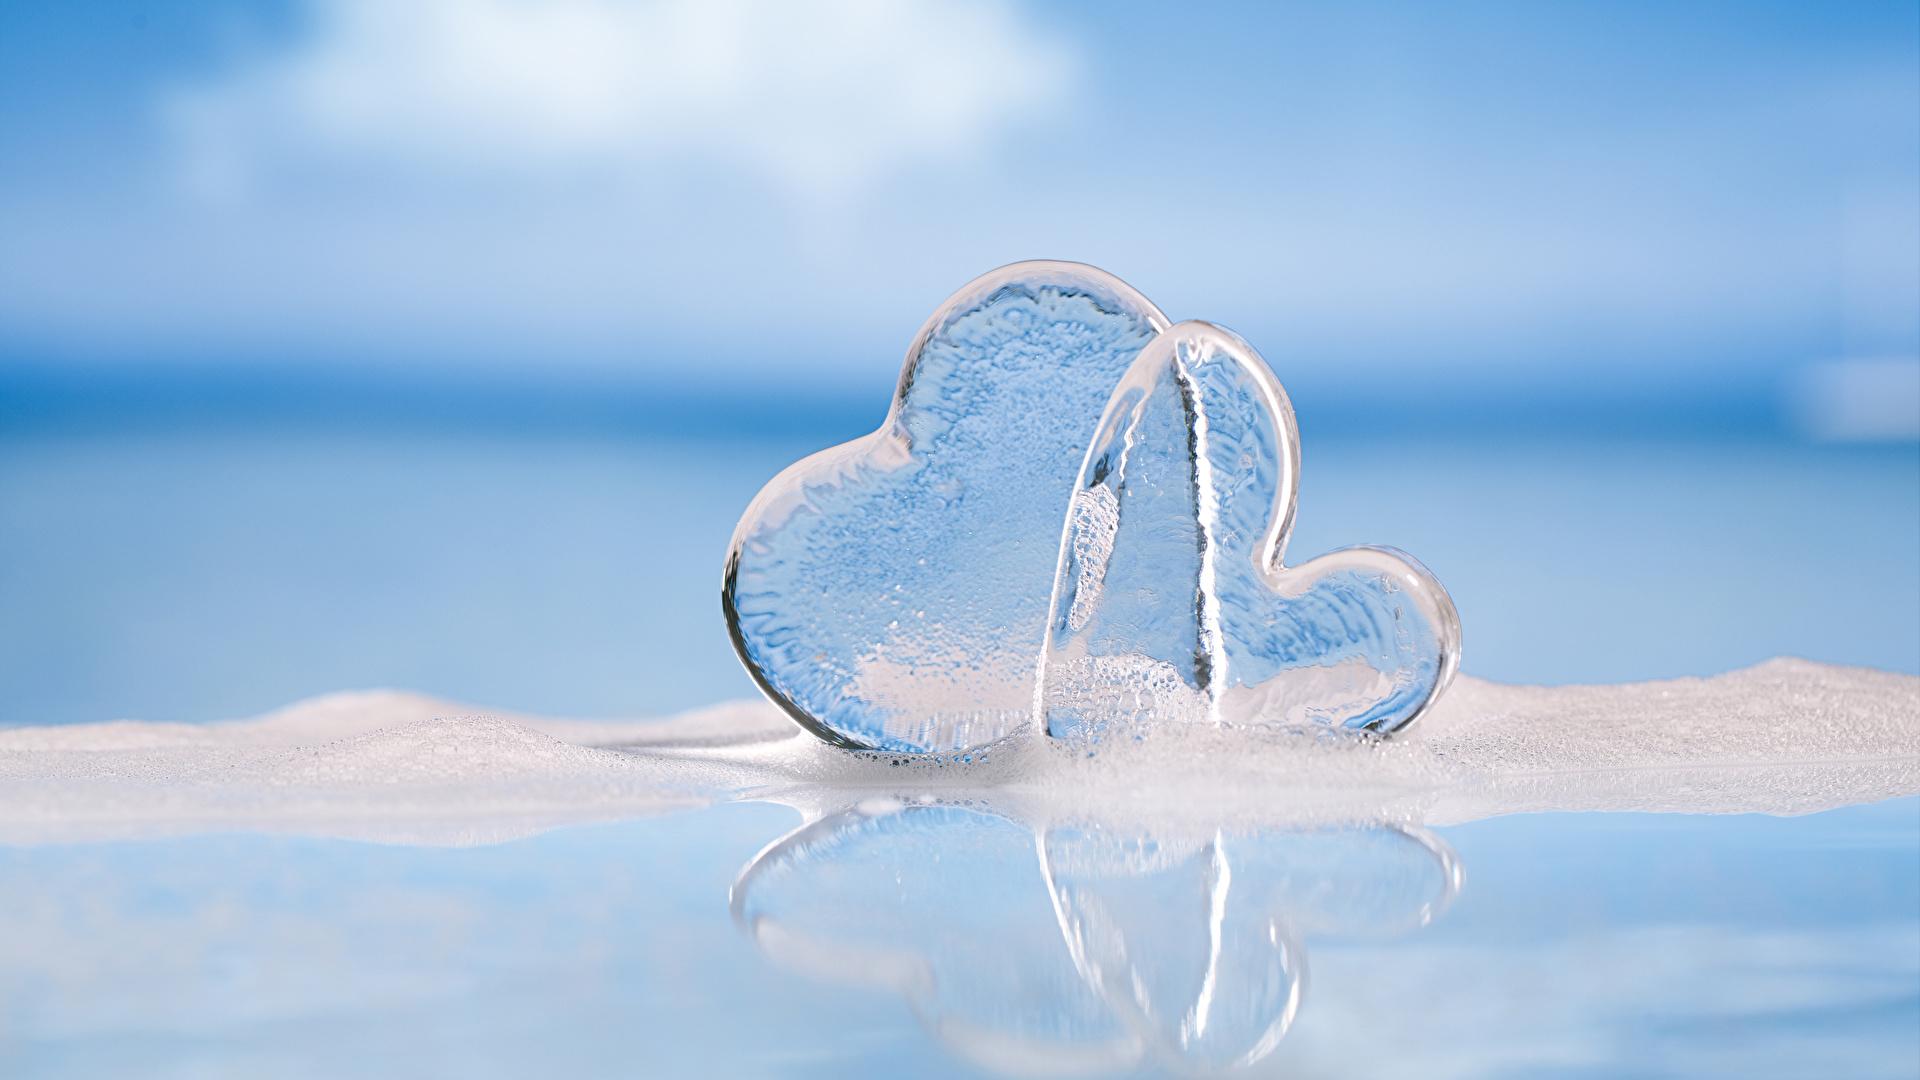 Fotos von Valentinstag Herz Eis 2 1920x1080 Zwei